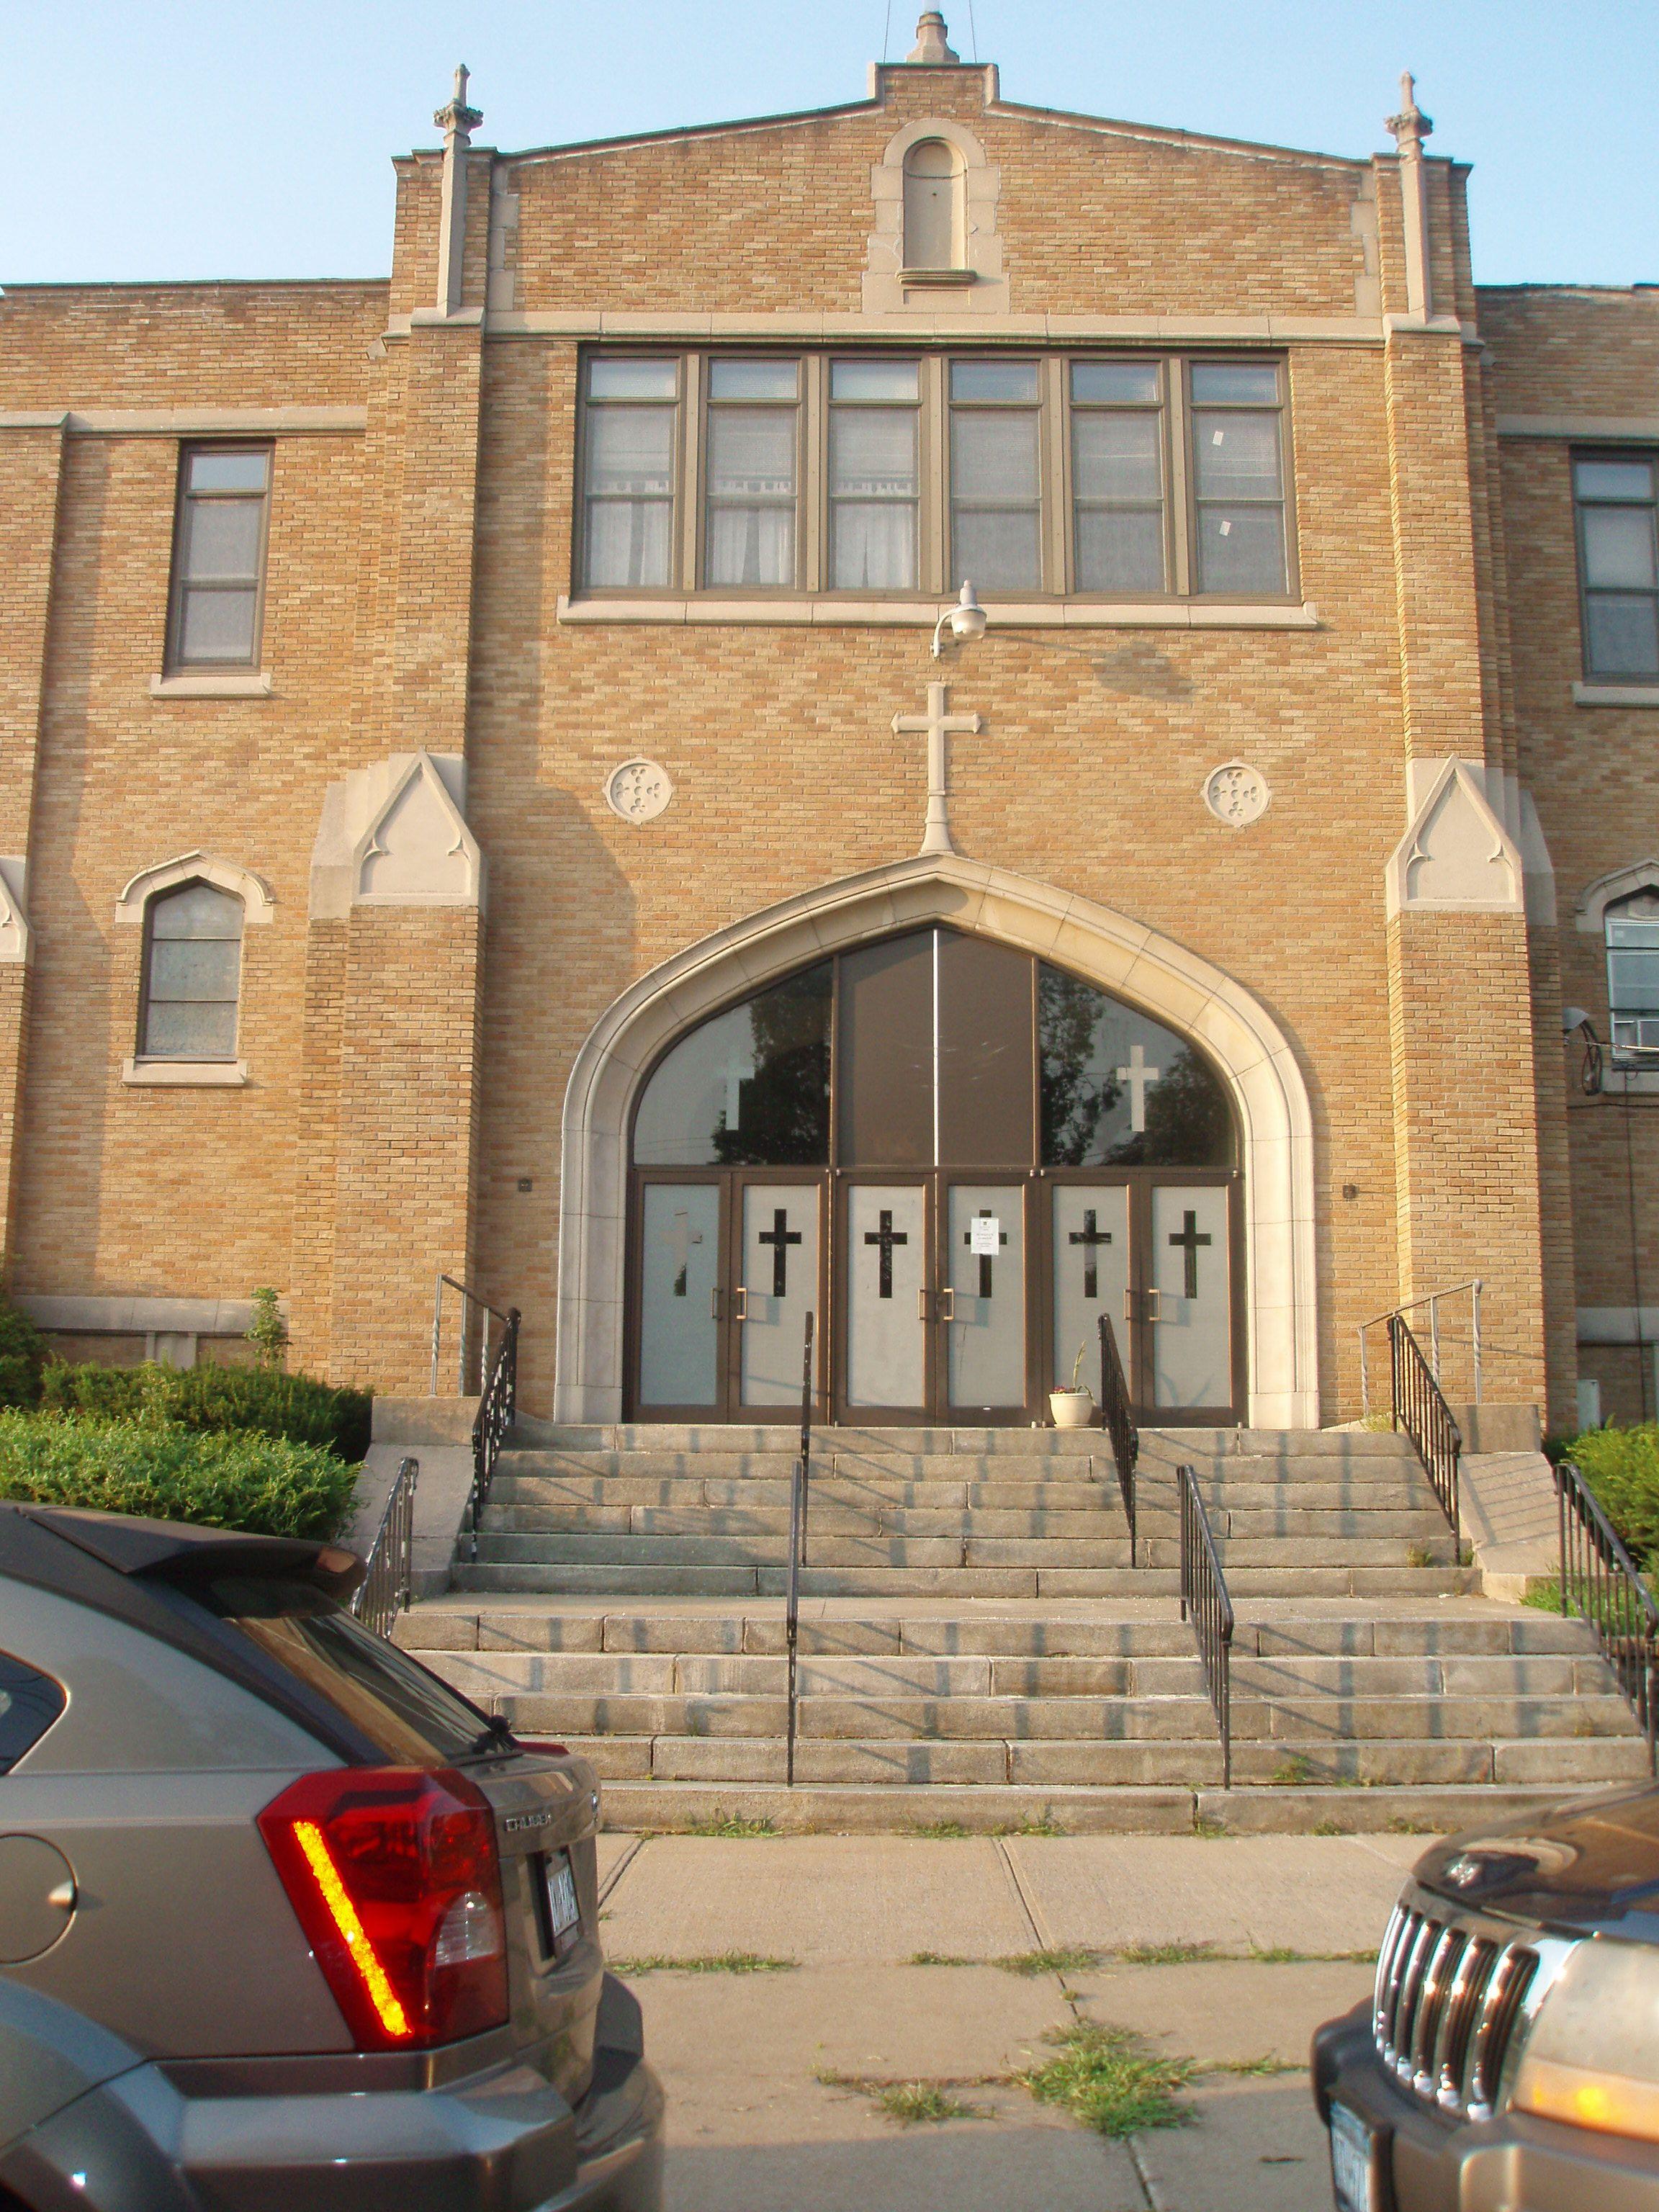 Munson Williams Proctor Arts Institute Utica New York